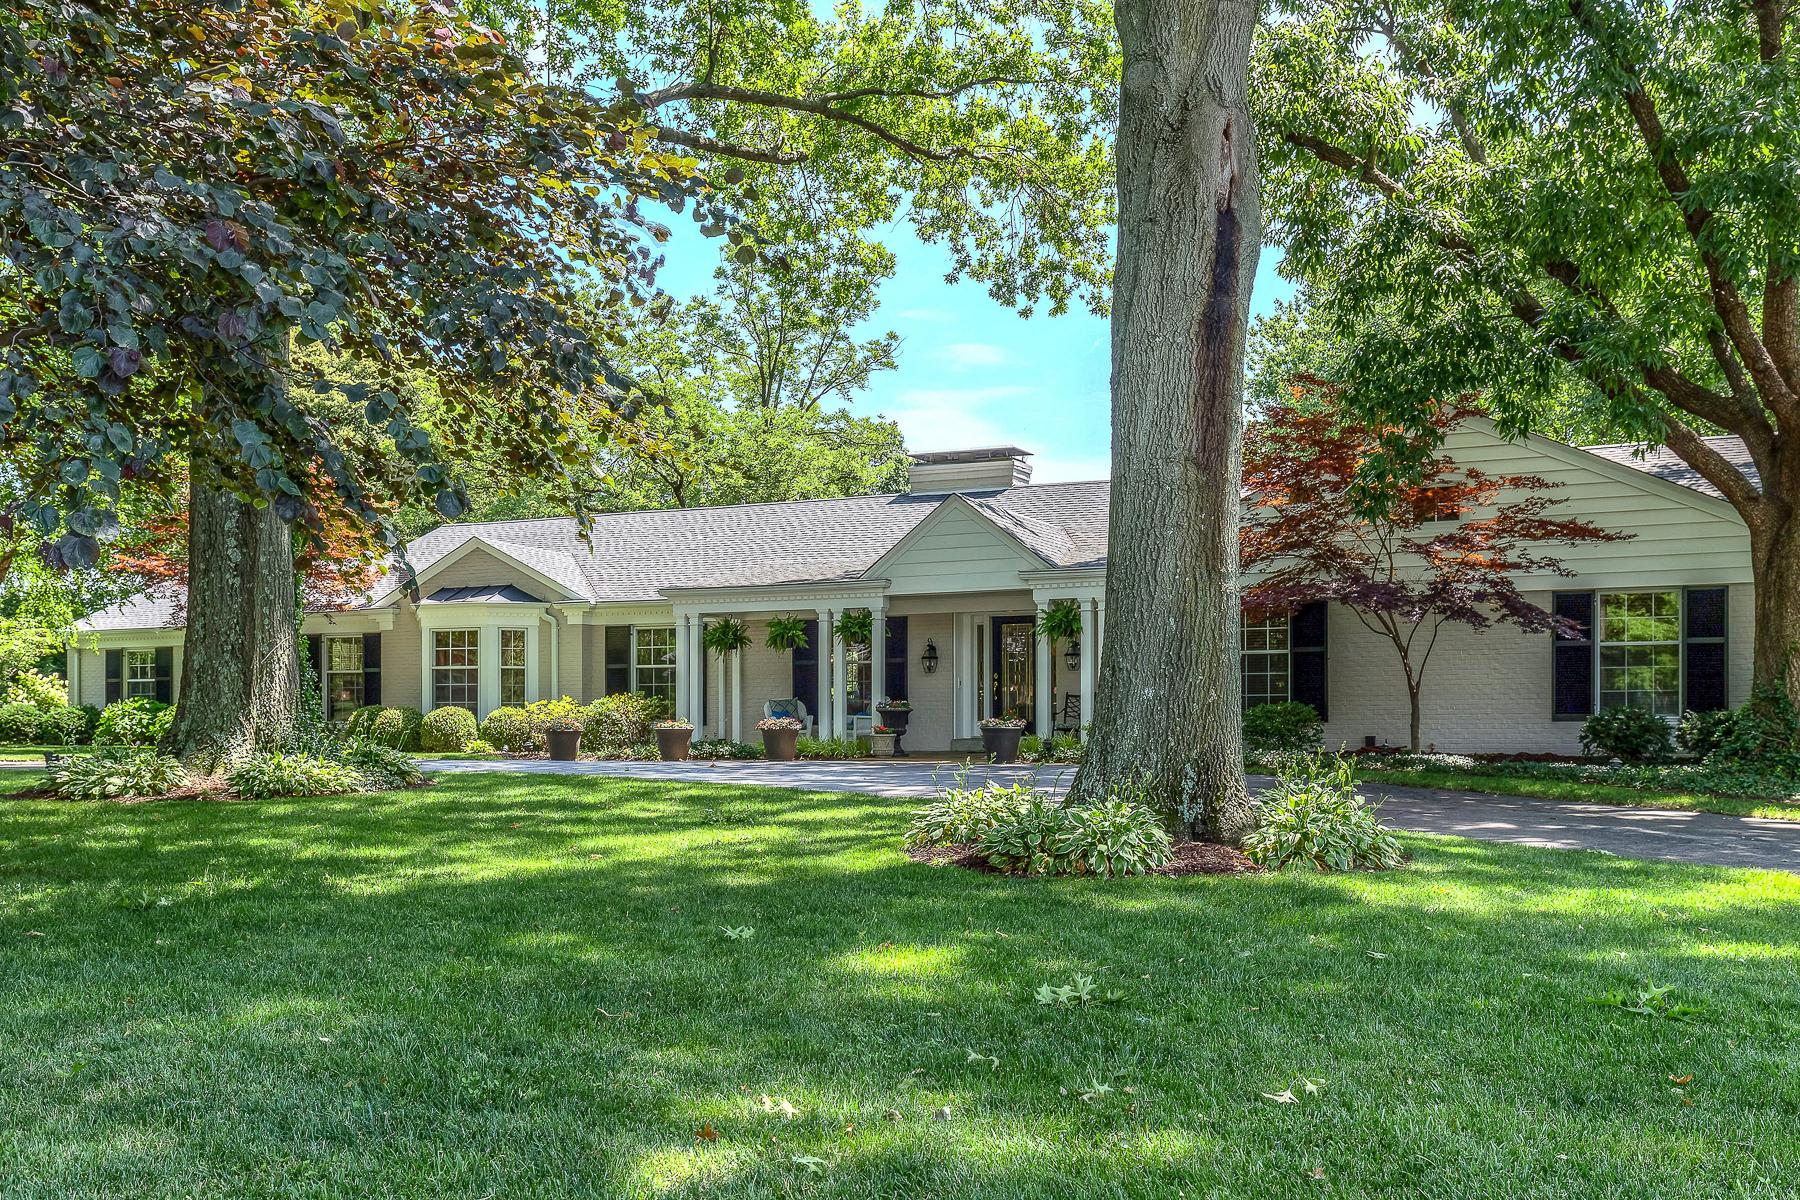 Casa para uma família para Venda às Devondale 2940 Devondale Place Frontenac, Missouri, 63131 Estados Unidos